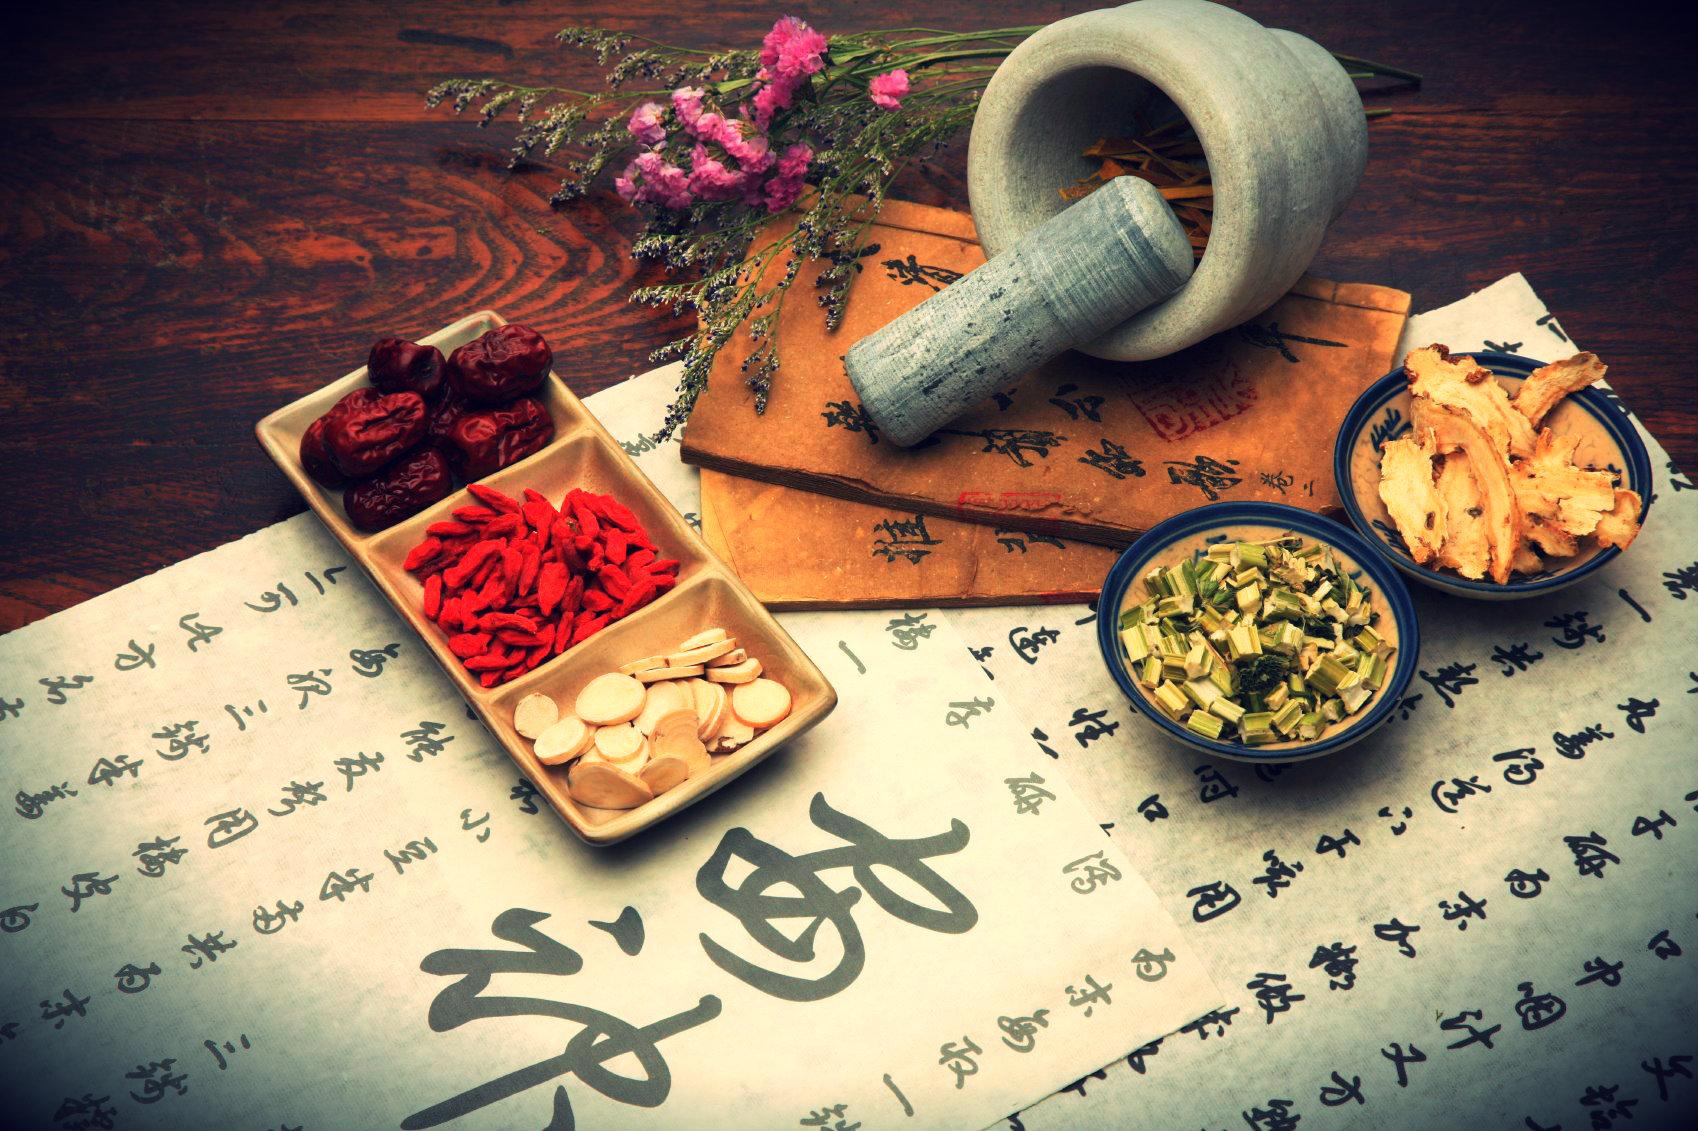 Terapias alternativas, meditación y medicina China - Tao Vital